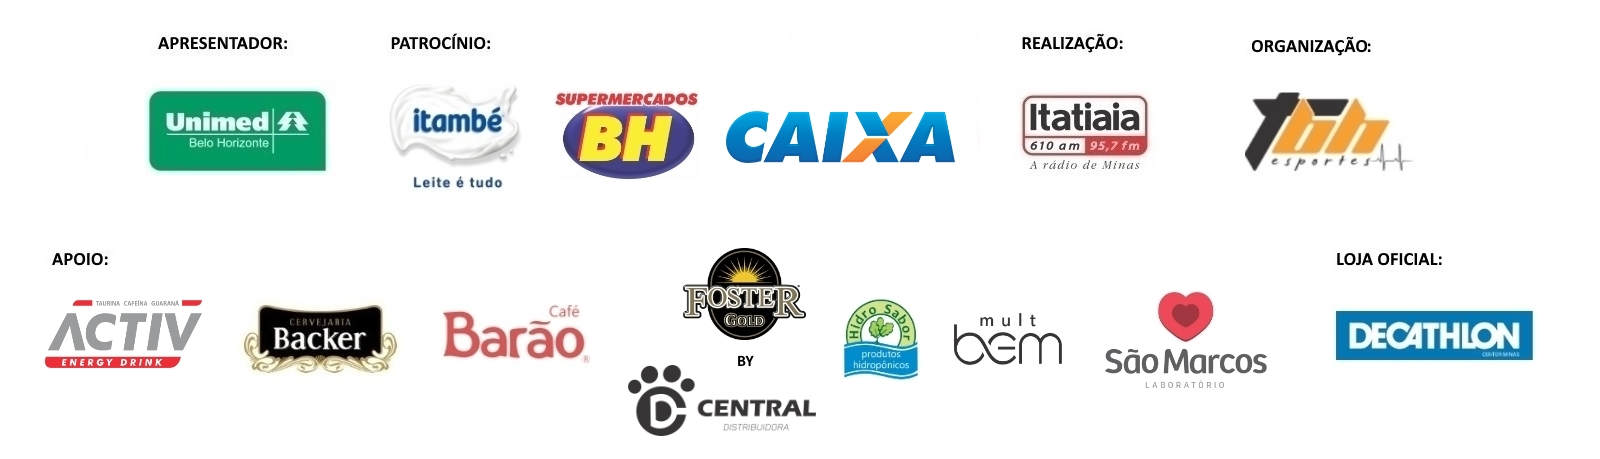 Corrida-da-Itatiaia-Barra-de-Logos-5